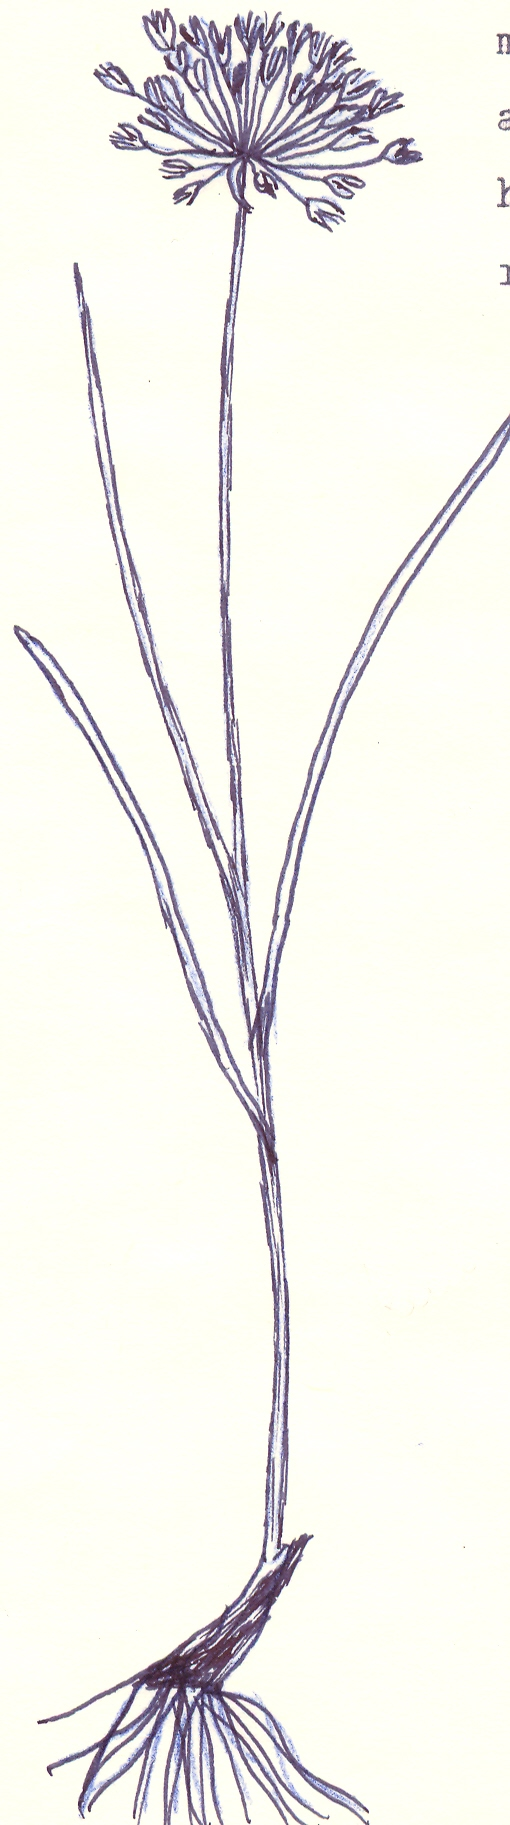 Allium%20dolichomischum.jpg